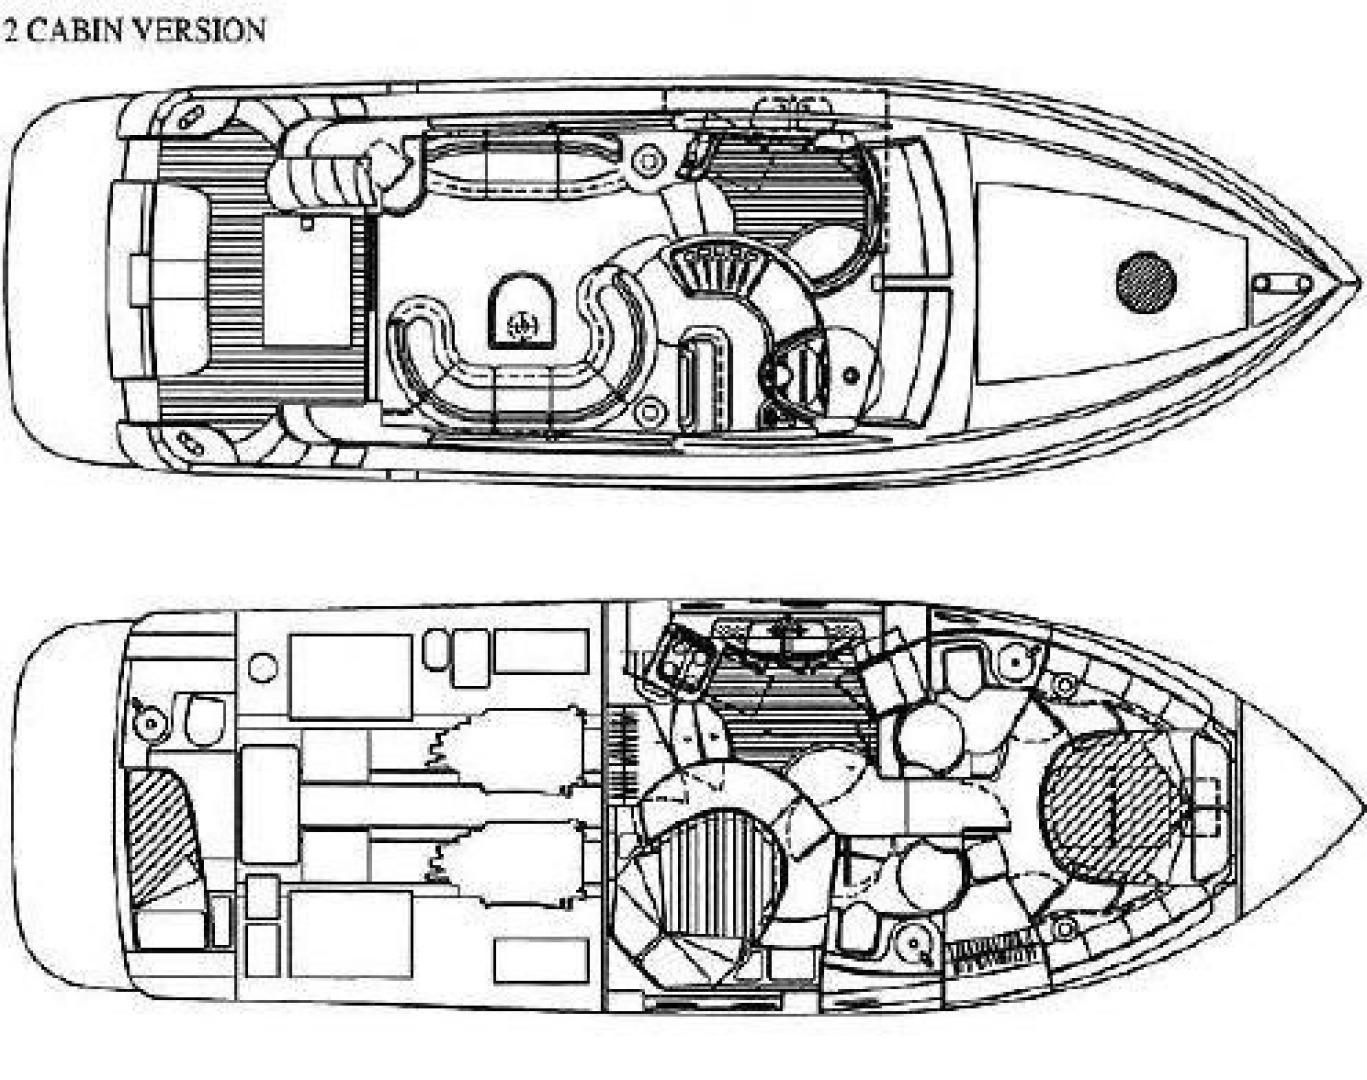 Azimut-Flybridge Motor Yacht 2000 -Boca Raton-Florida-United States-1564102 | Thumbnail